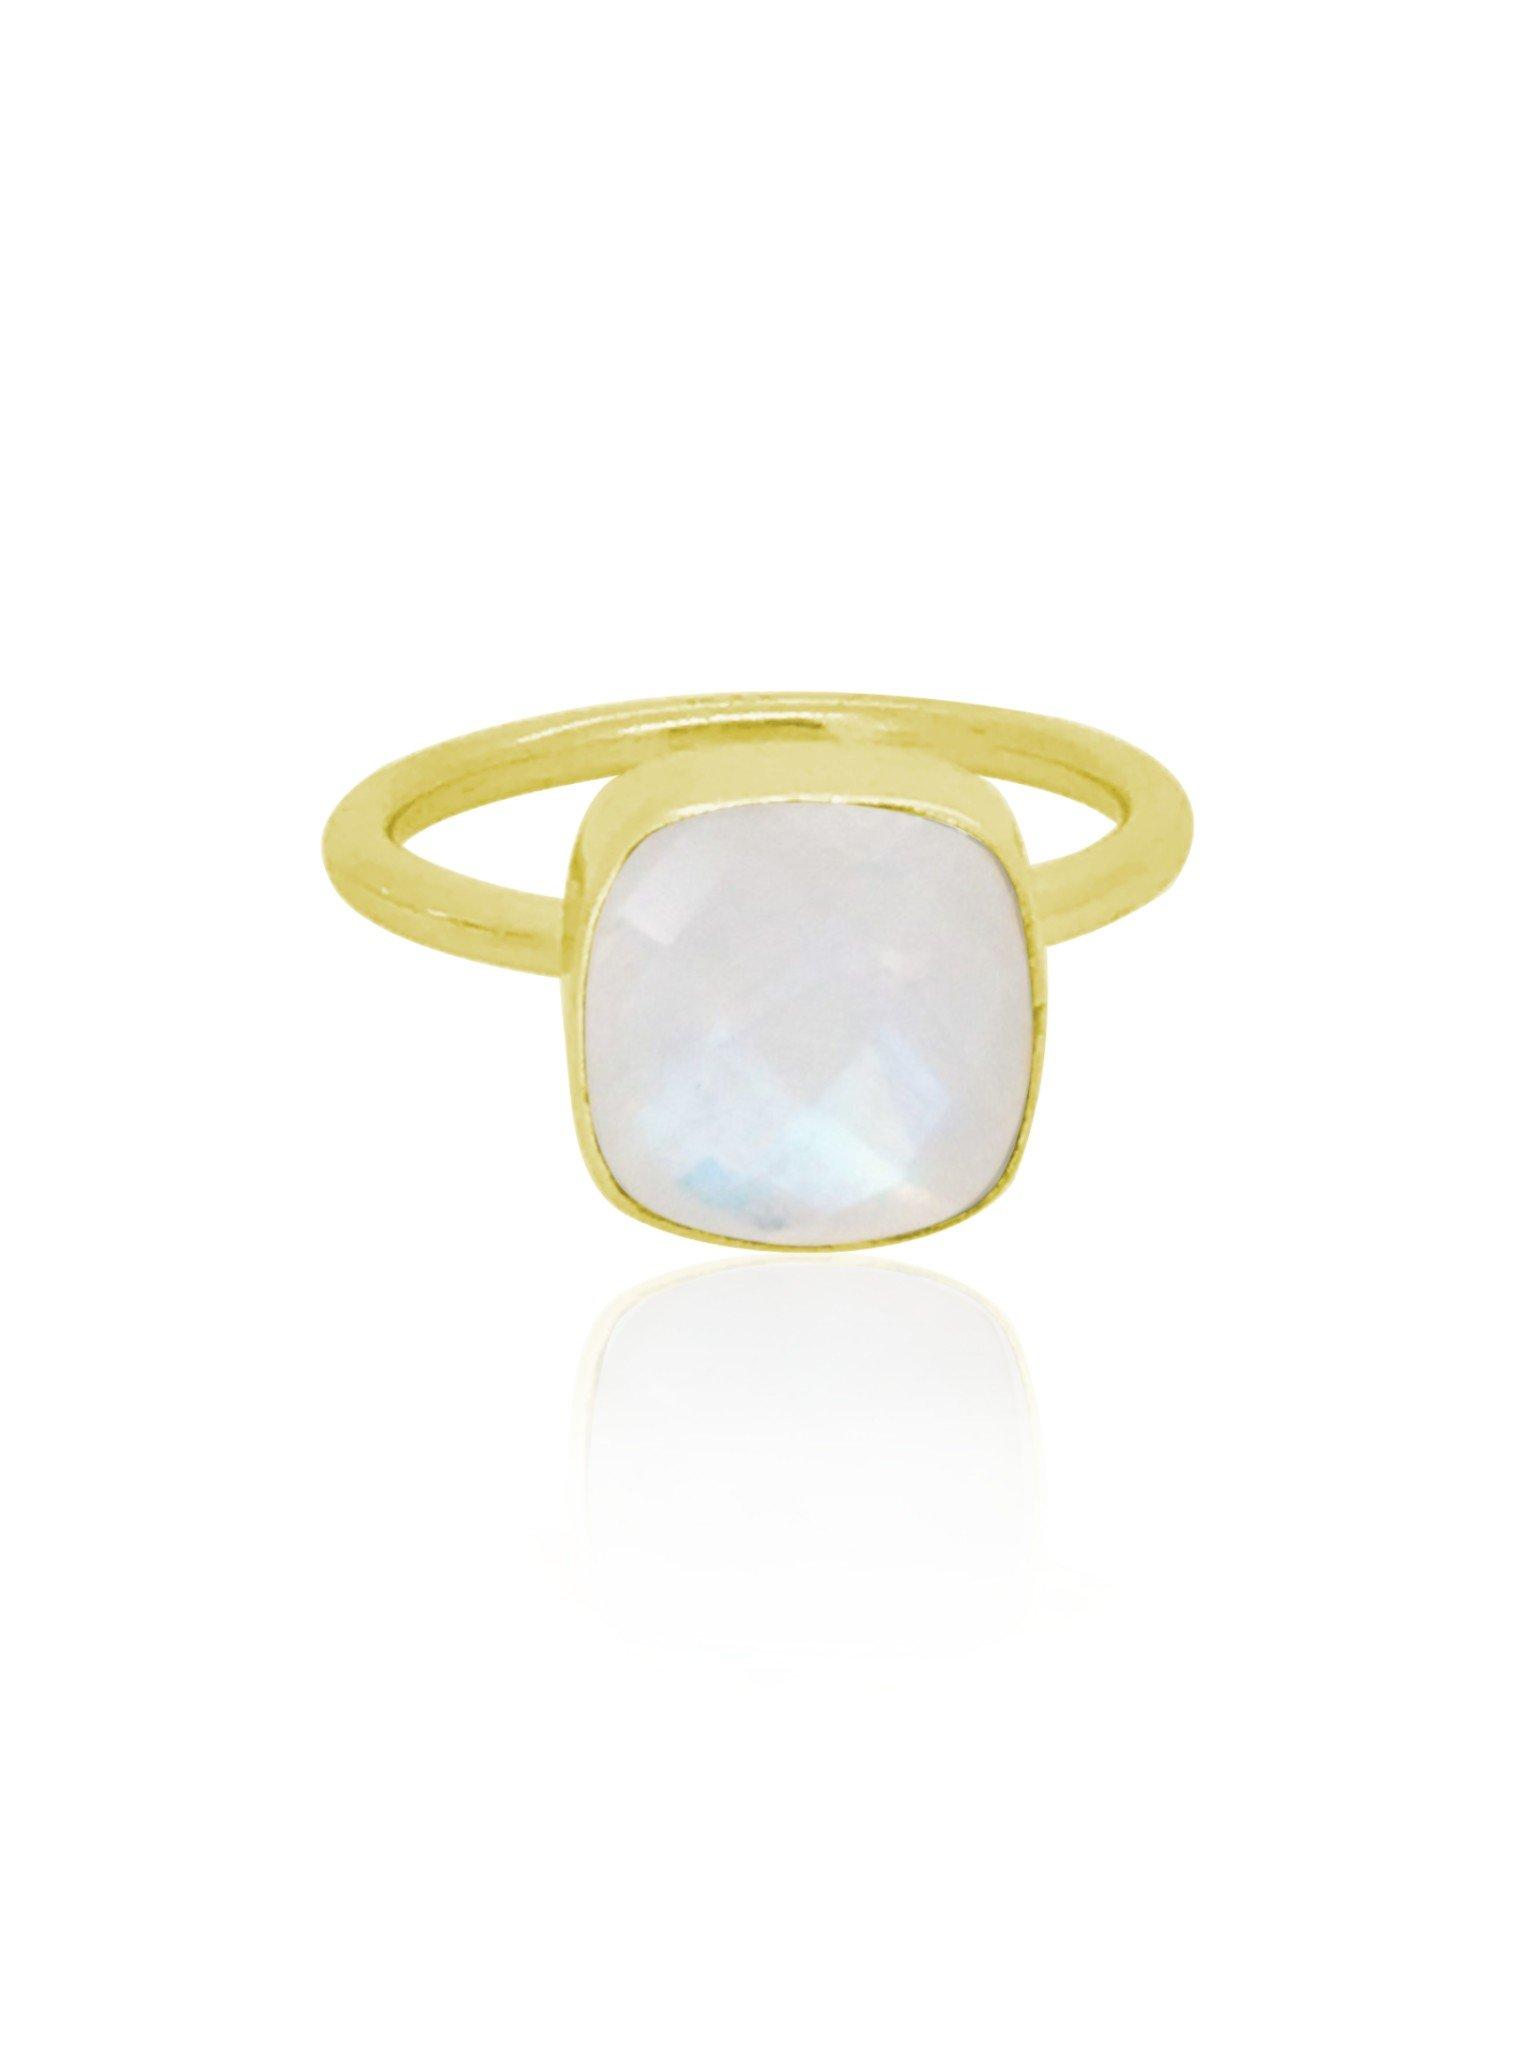 Indie Moonstone Gemstone Ring in Gold